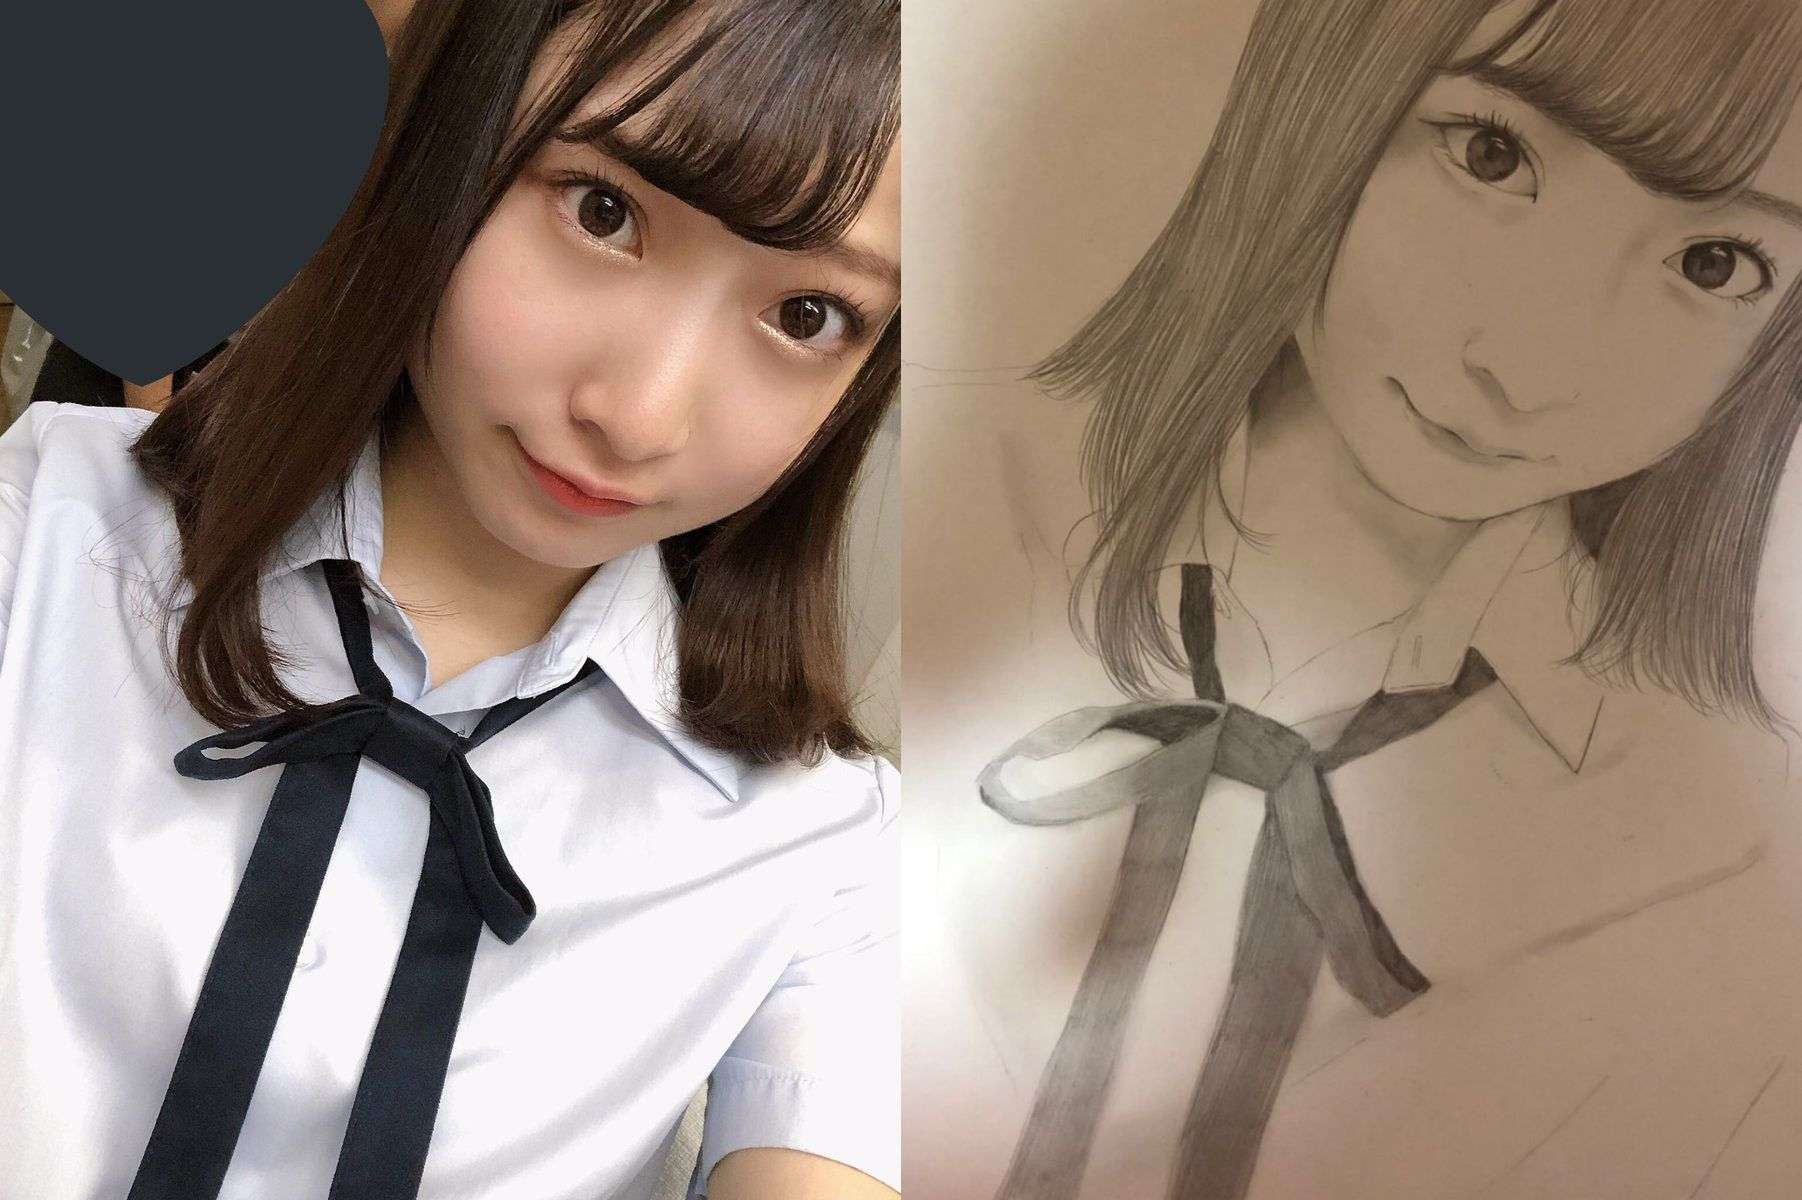 【堀ノ内百香】ももかのお姉さんが描いたももかの絵…画力がスゴイ😳